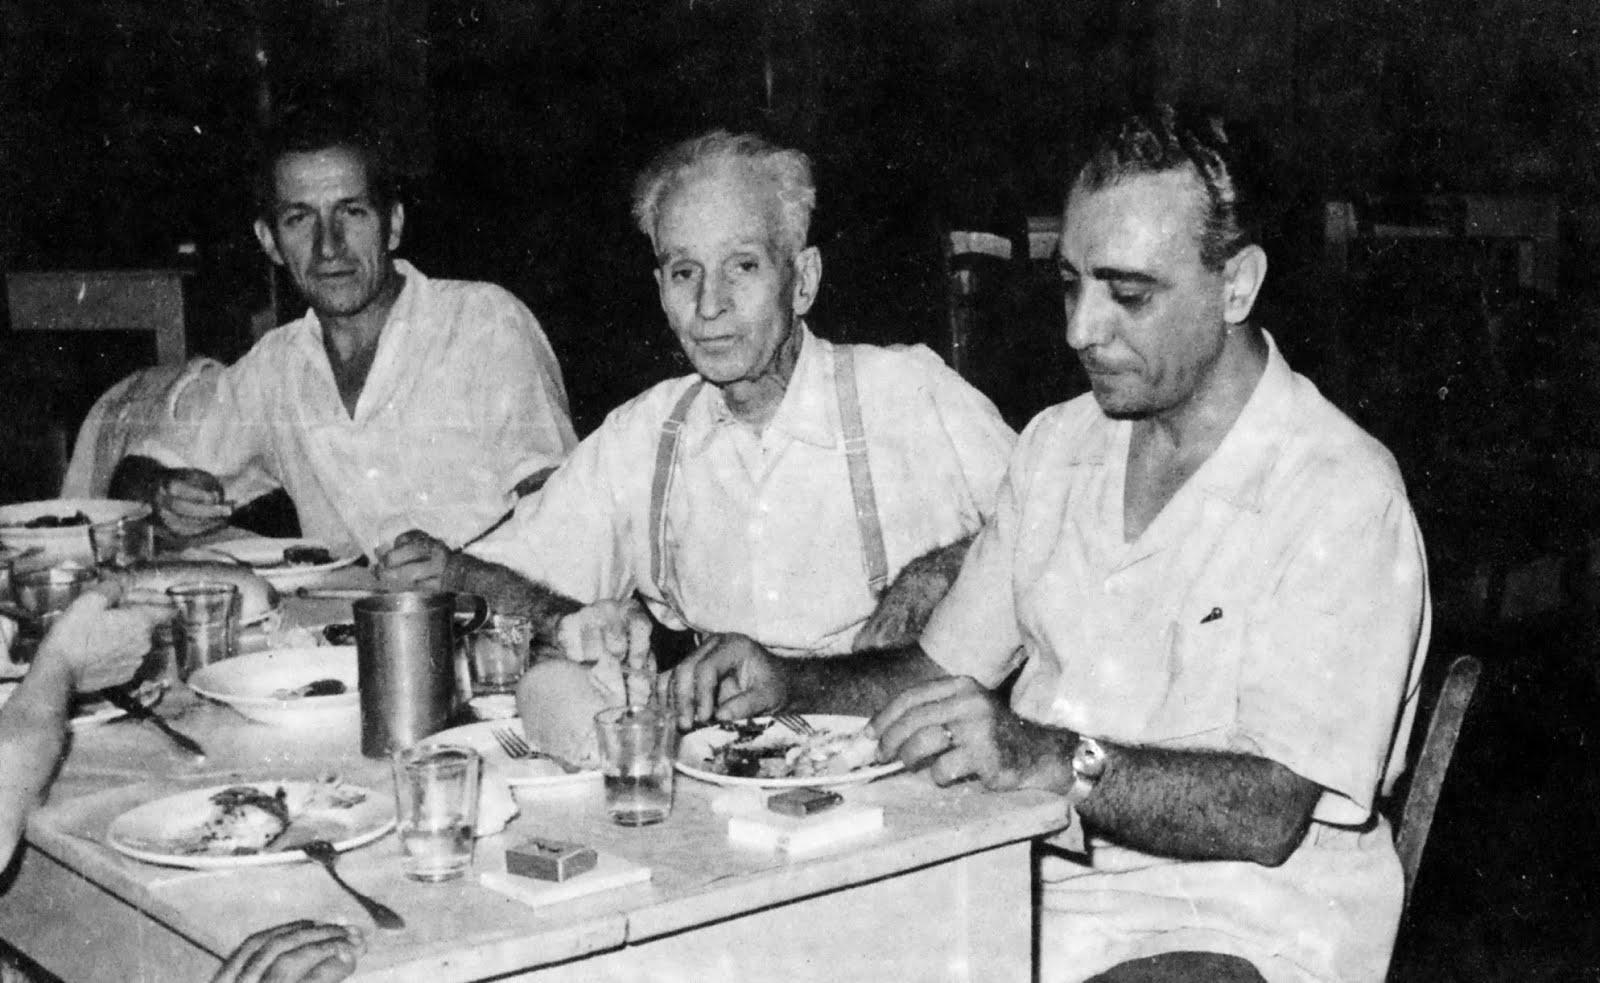 Ο Στρατής Τσίρκας με τον Κώστα Βάρναλη και τον Μ. Μ. Παπαϊωάννου (1958)